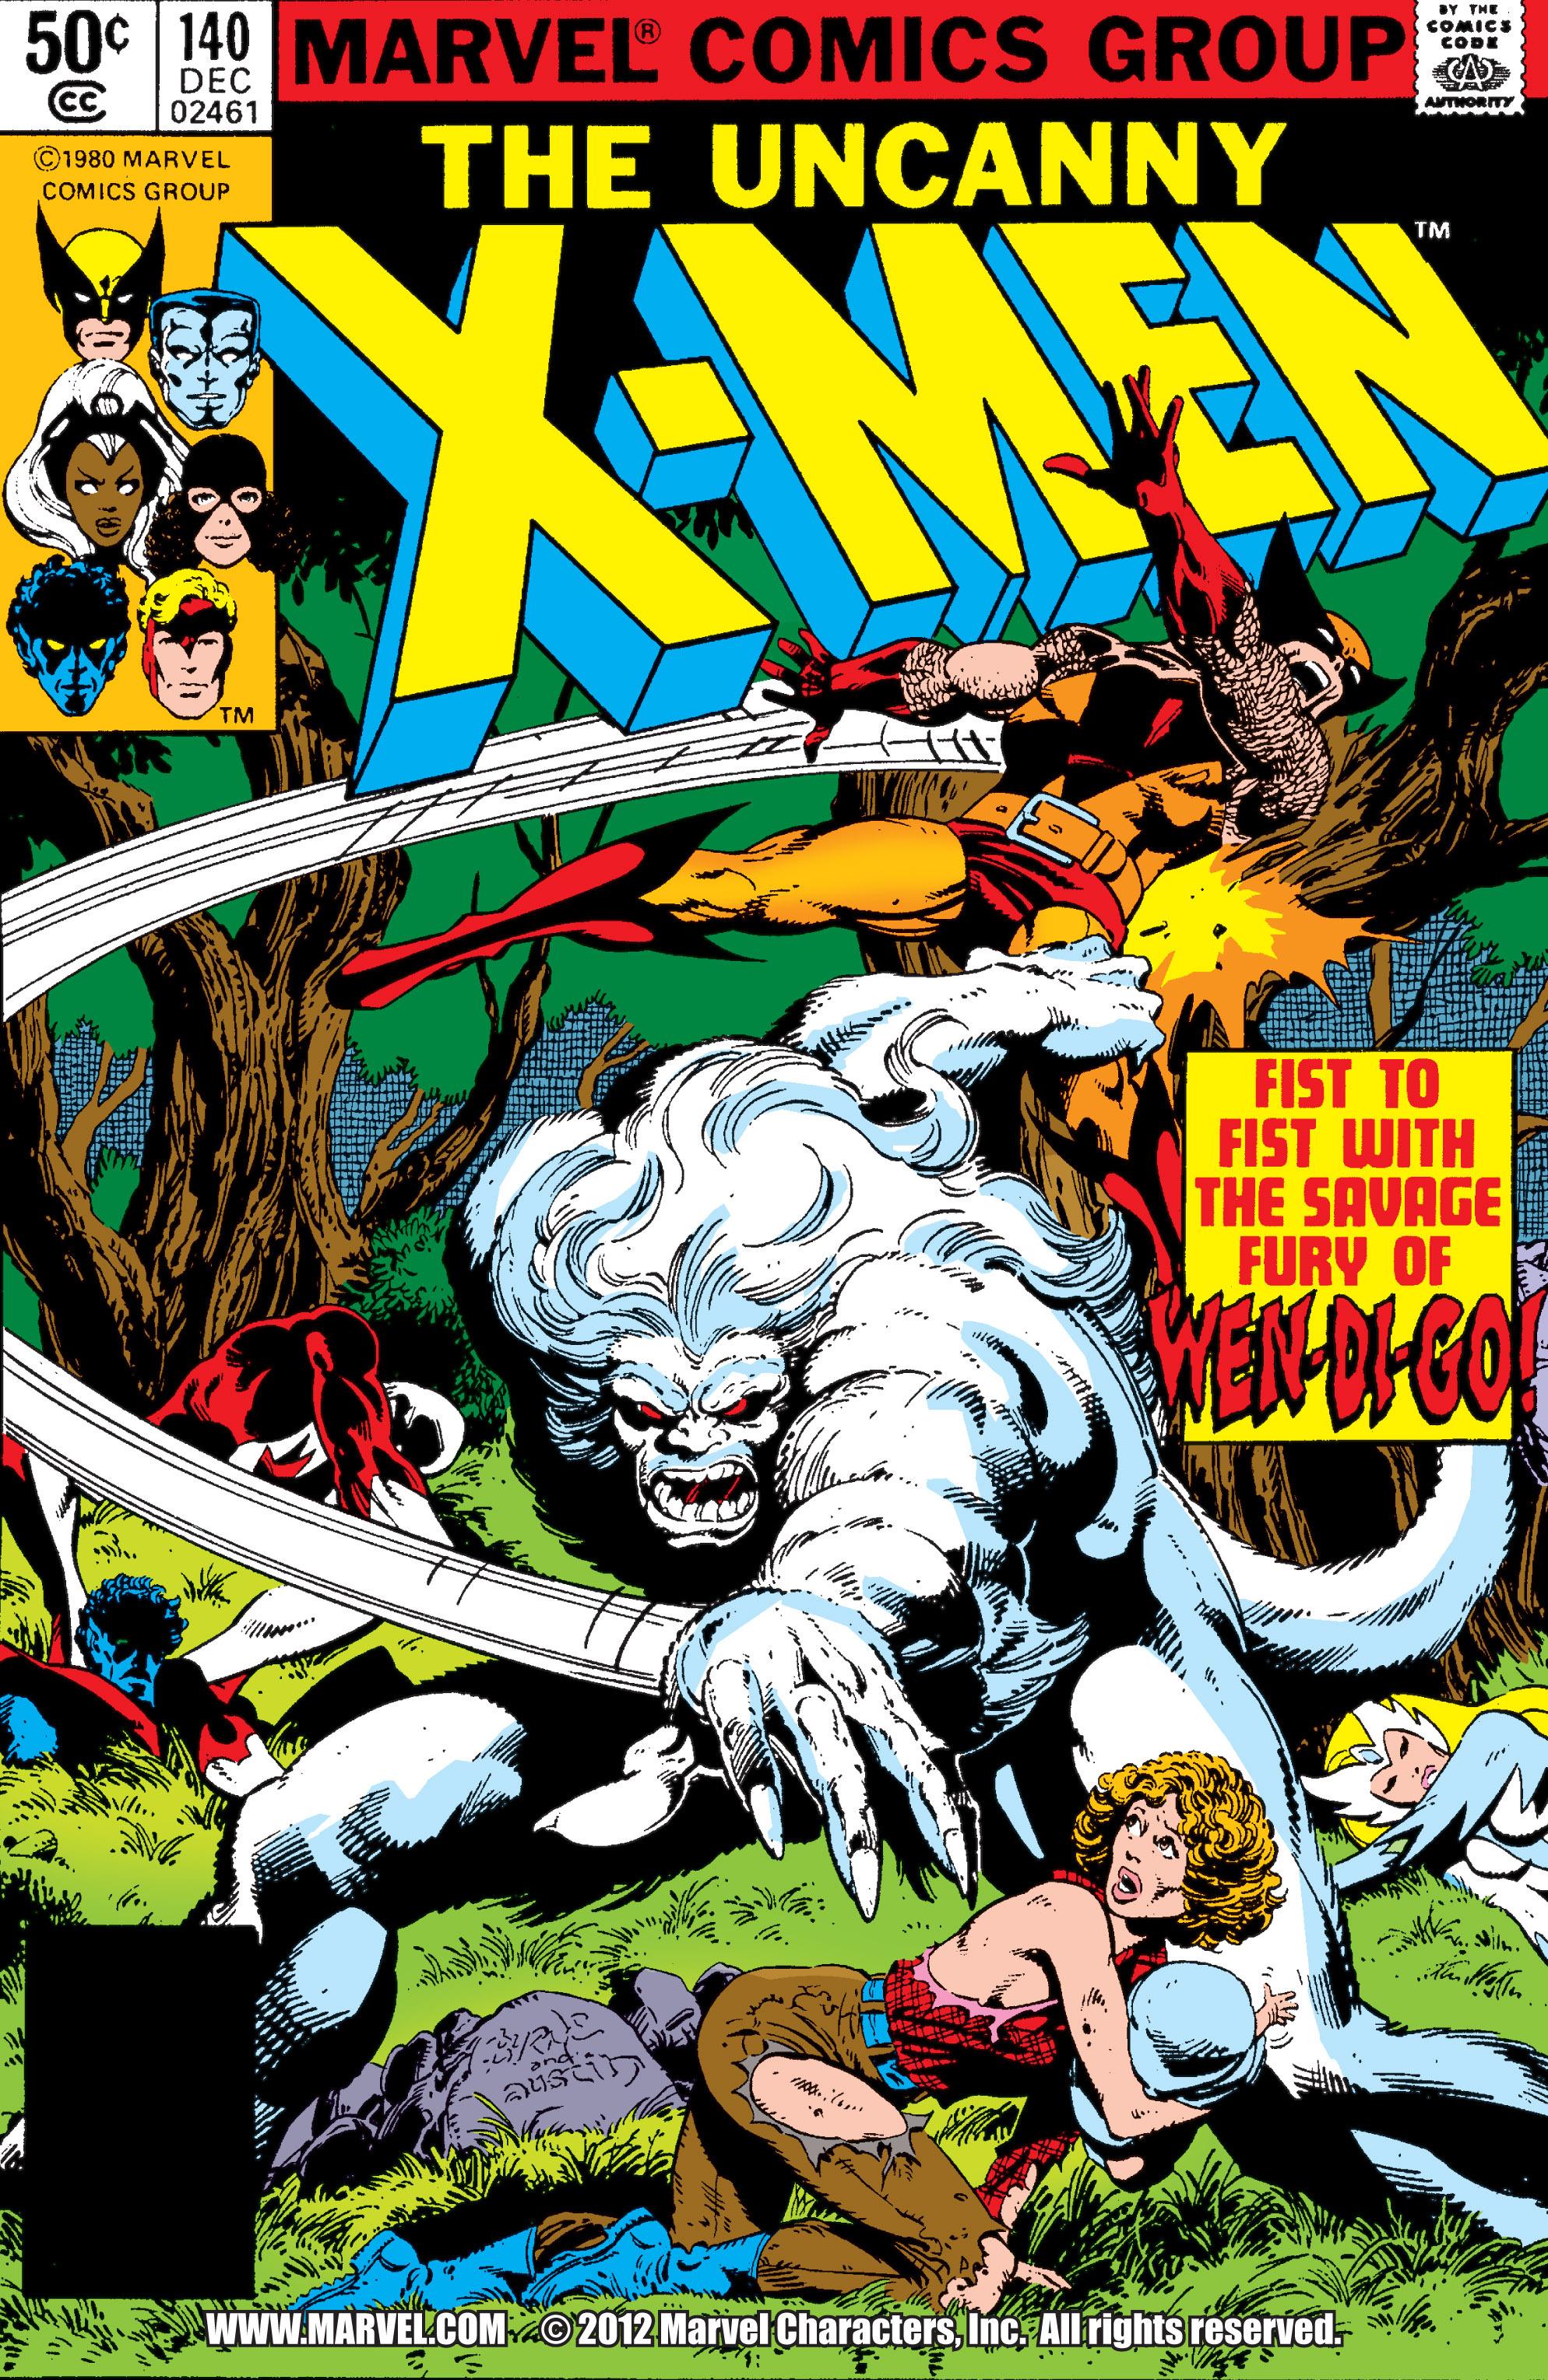 Read online Uncanny X-Men (1963) comic -  Issue #140 - 1